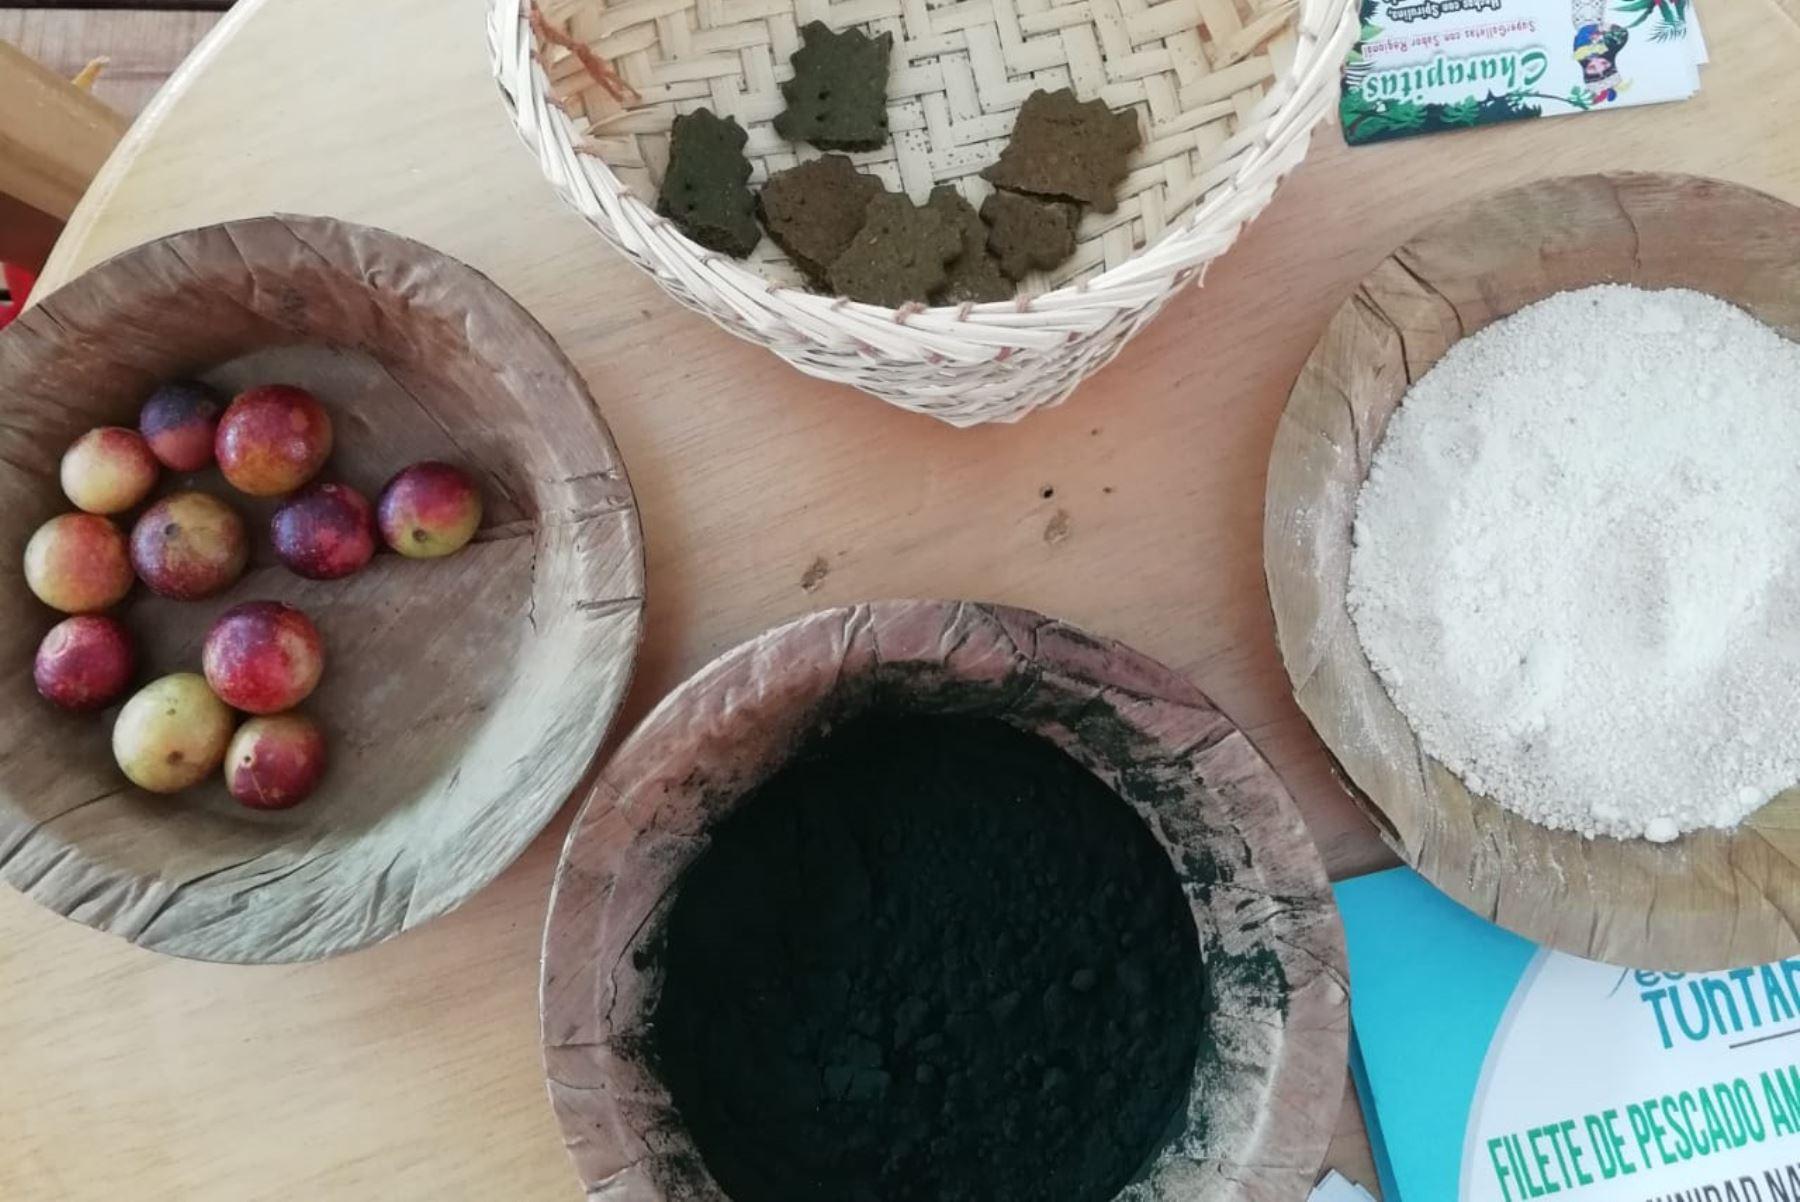 La Facultad de Industrias Alimentarias de la Universidad Nacional de la Amazonía Peruana produce galletas para combatir la desnutrición sobre la base de espirulina (polvo verde), camu camu y macambo. Foto: Difusión